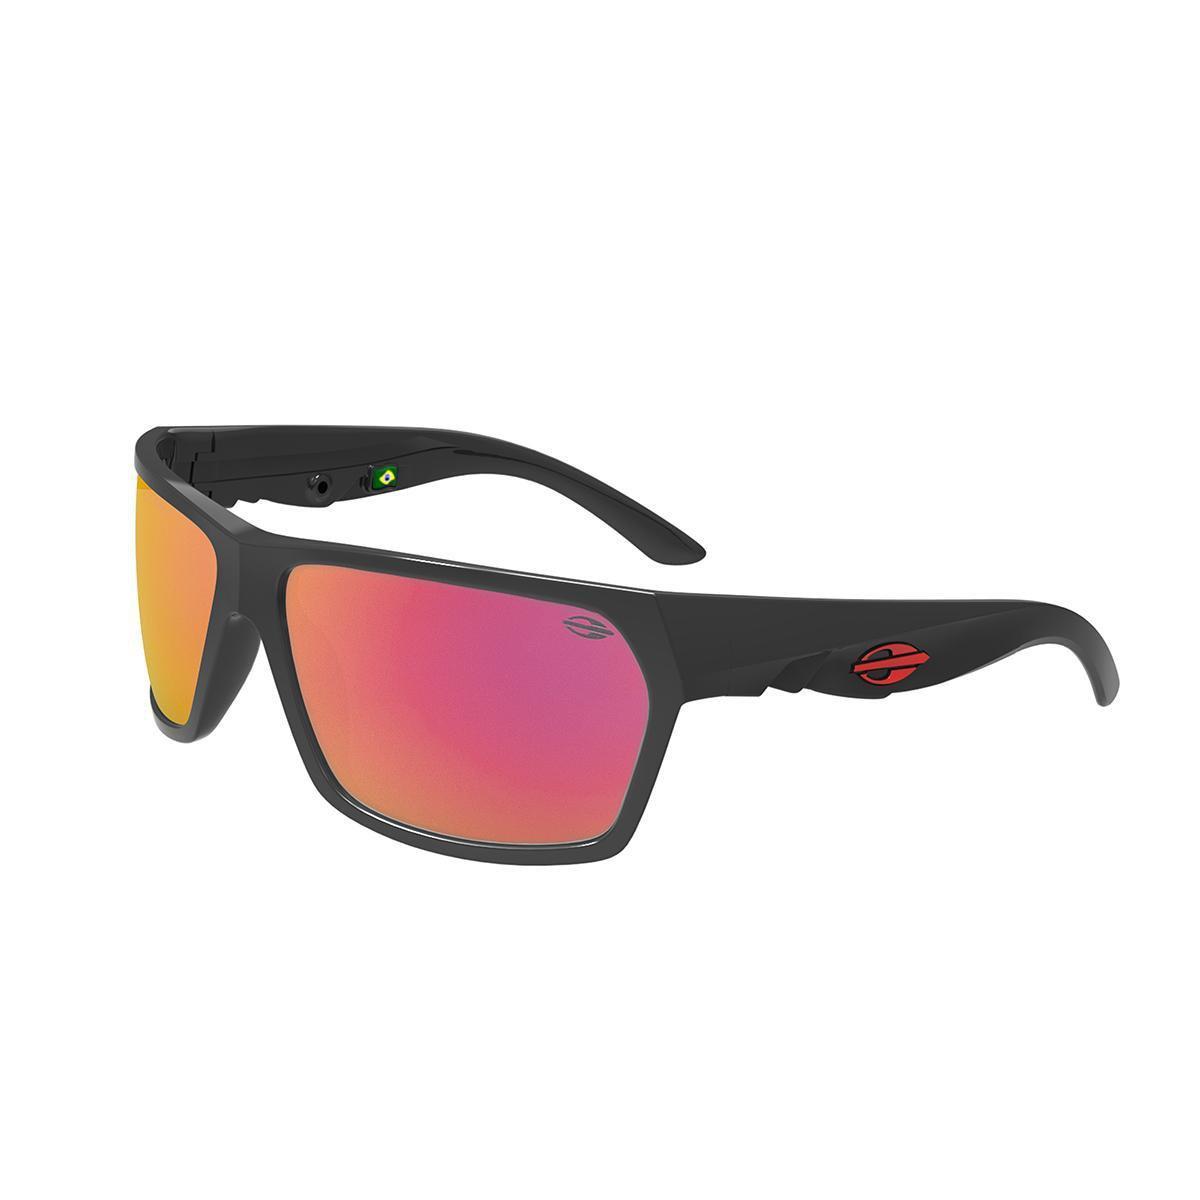 0c35e0122b39c Oculos Sol Mormaii Amazonia 2 - Preto e Vermelho - Compre Agora ...